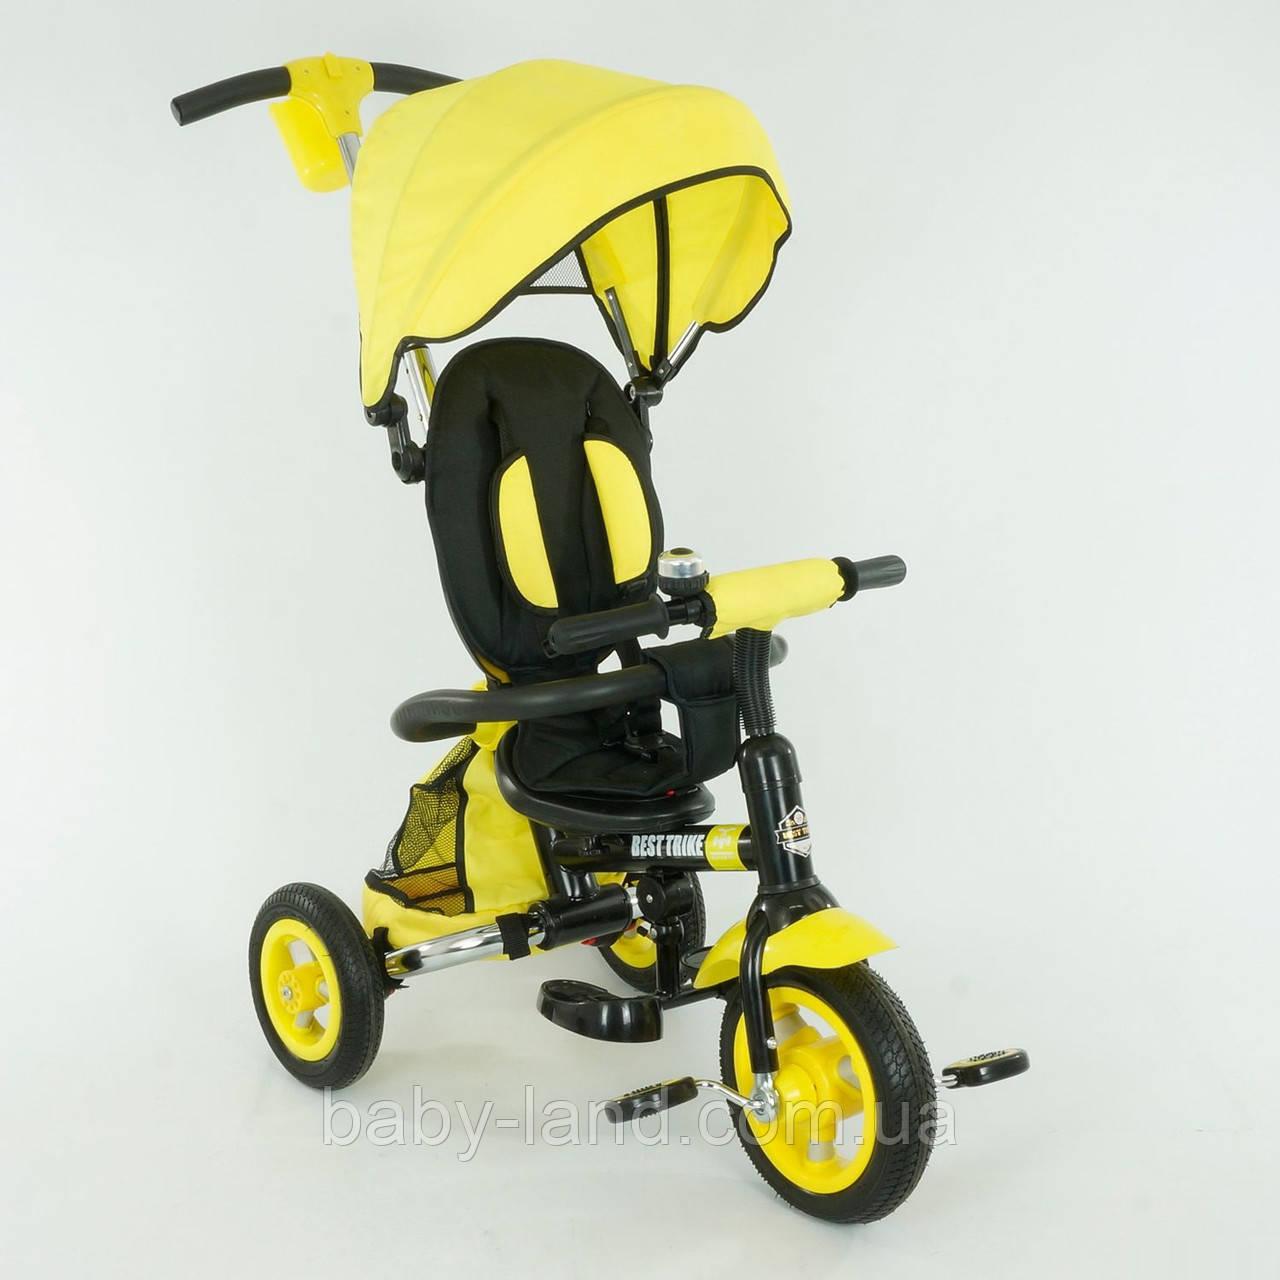 """*Велосипед Best Trike 3-х колёсный с надувными колесами (желтый) арт. 668  - """"Беби Лэнд"""" Интернет-магазин Детских товаров в Запорожье"""